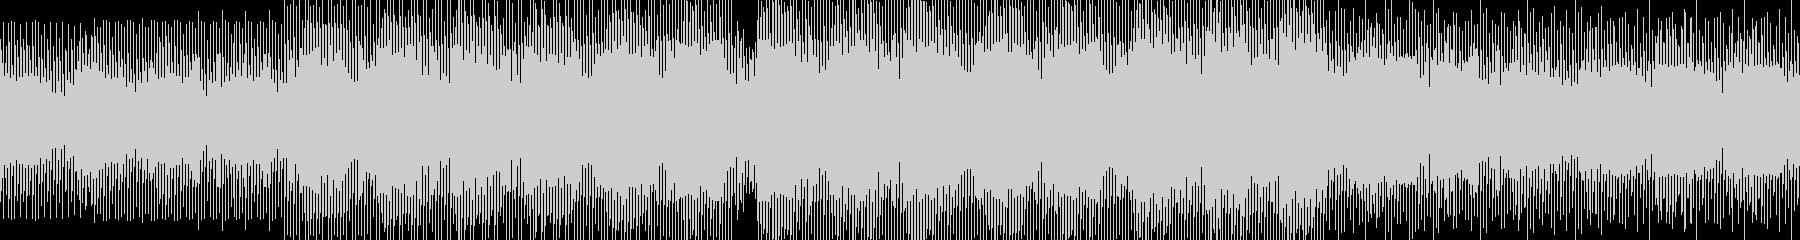 シンセ。アルペジオループ。ビンテー...の未再生の波形